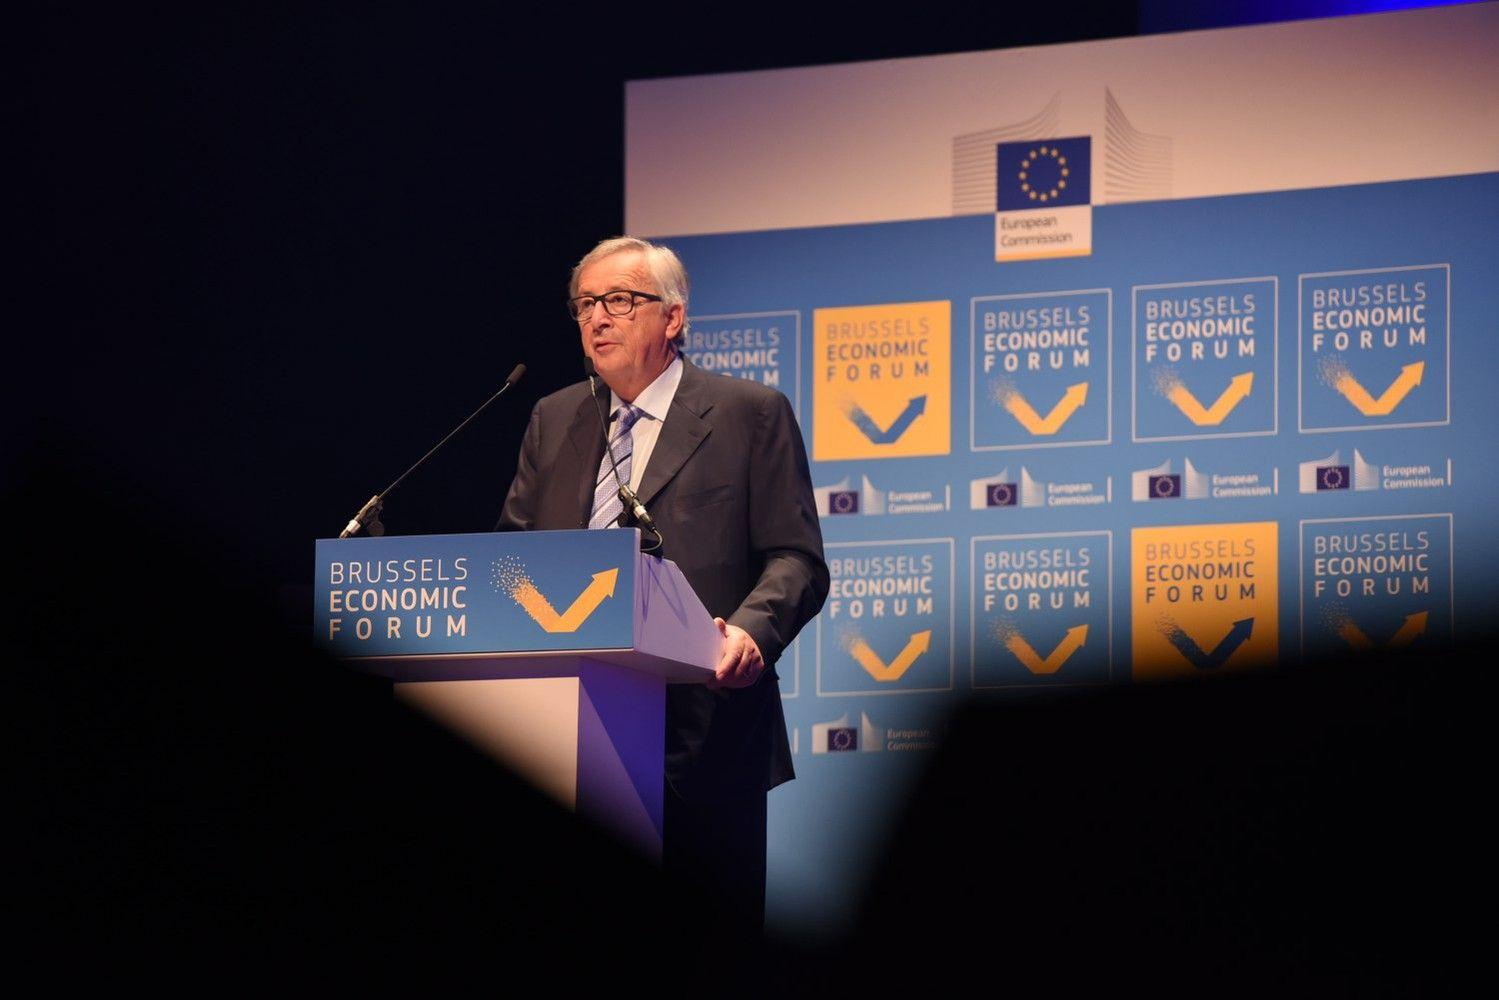 Junckeris: sunkmečio fondas euro zoną pavers atsparesne ateities krizėms